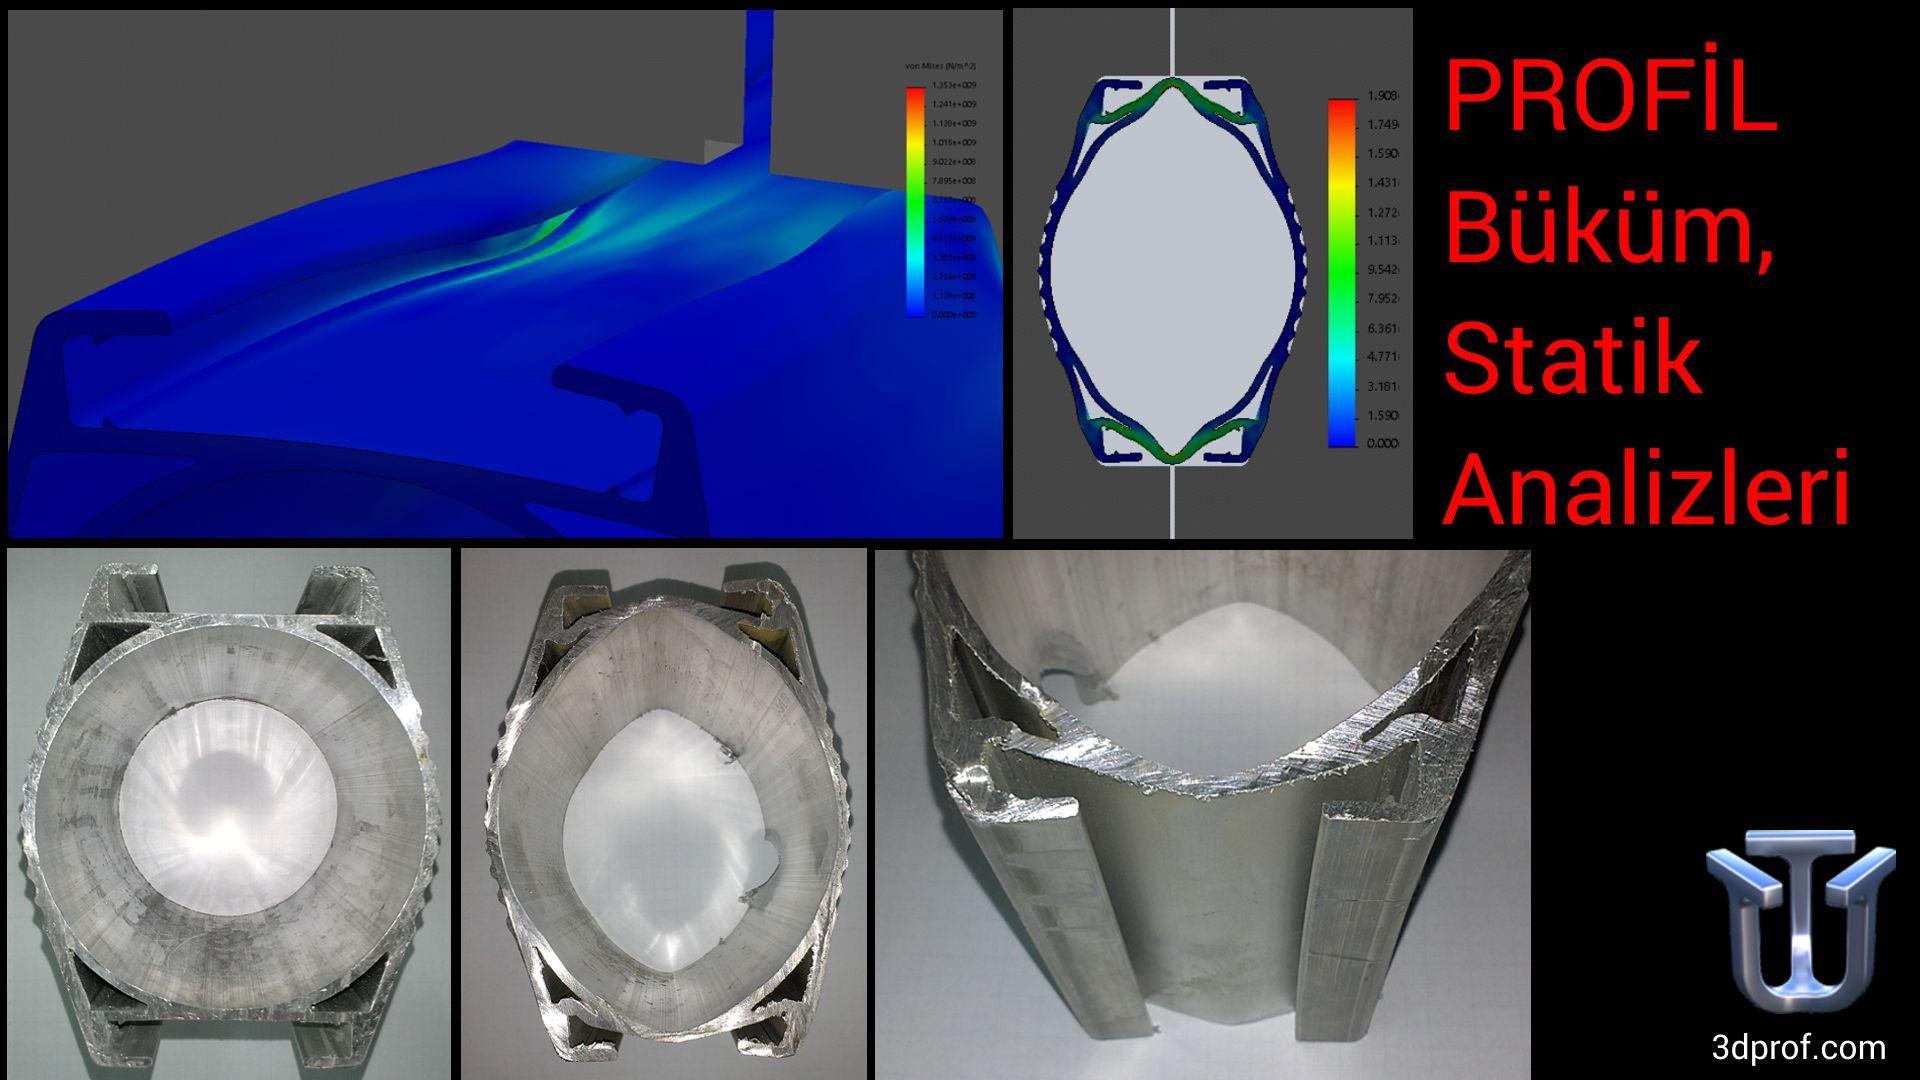 Alüminyum aydınlatma direği, Led profil büküm statik, stress analizleri